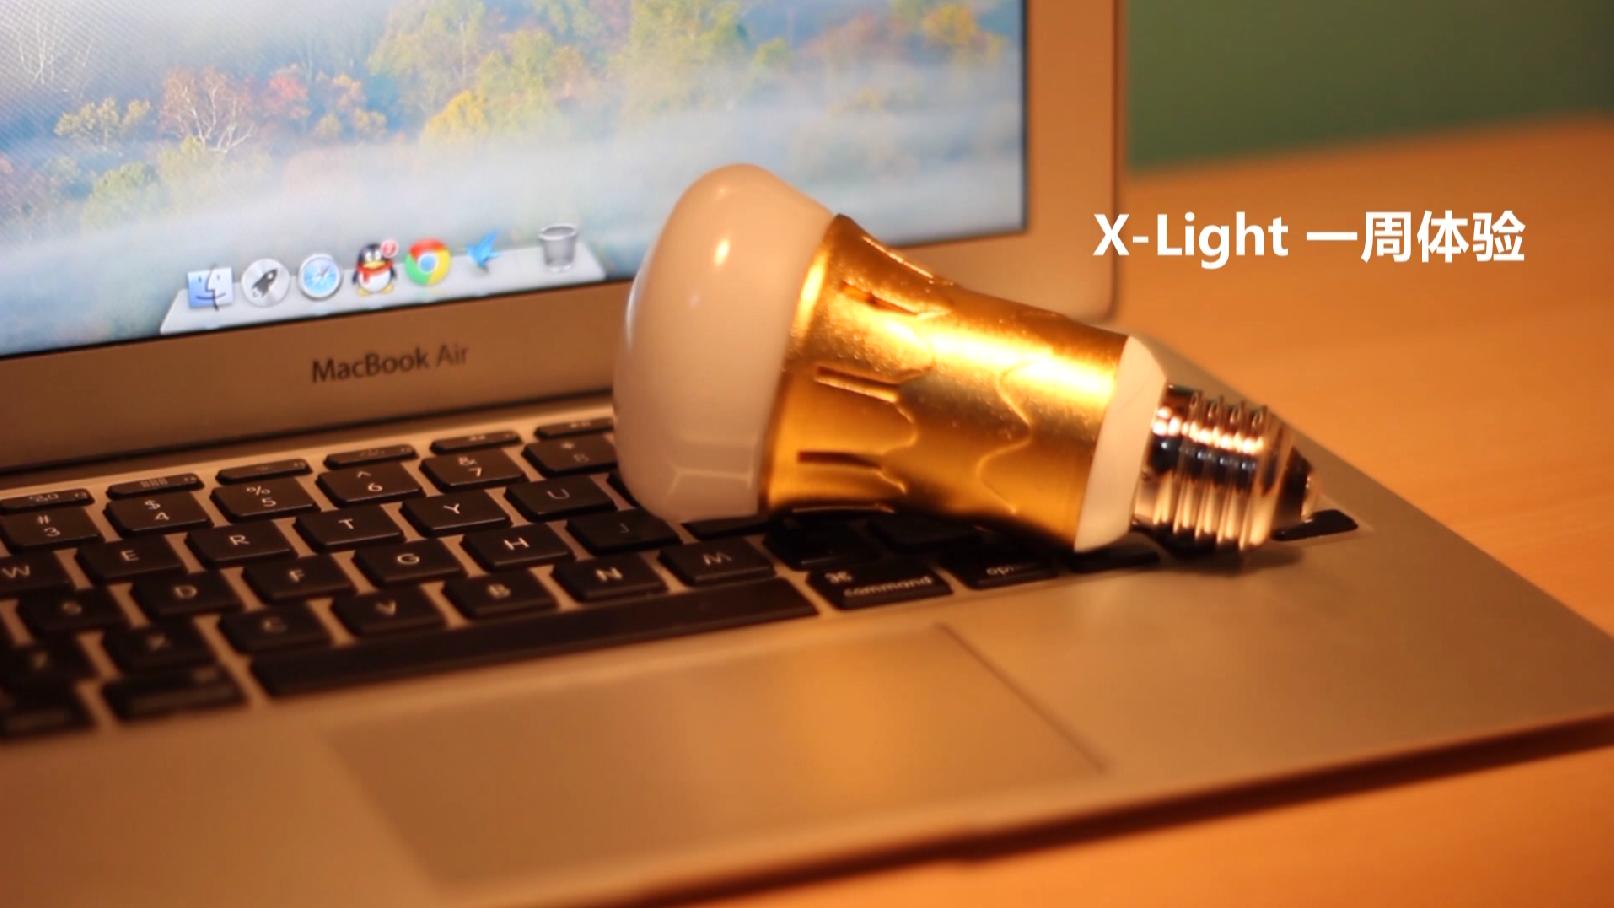 【视频】X-Light一周体验 十倍的售价值不值?